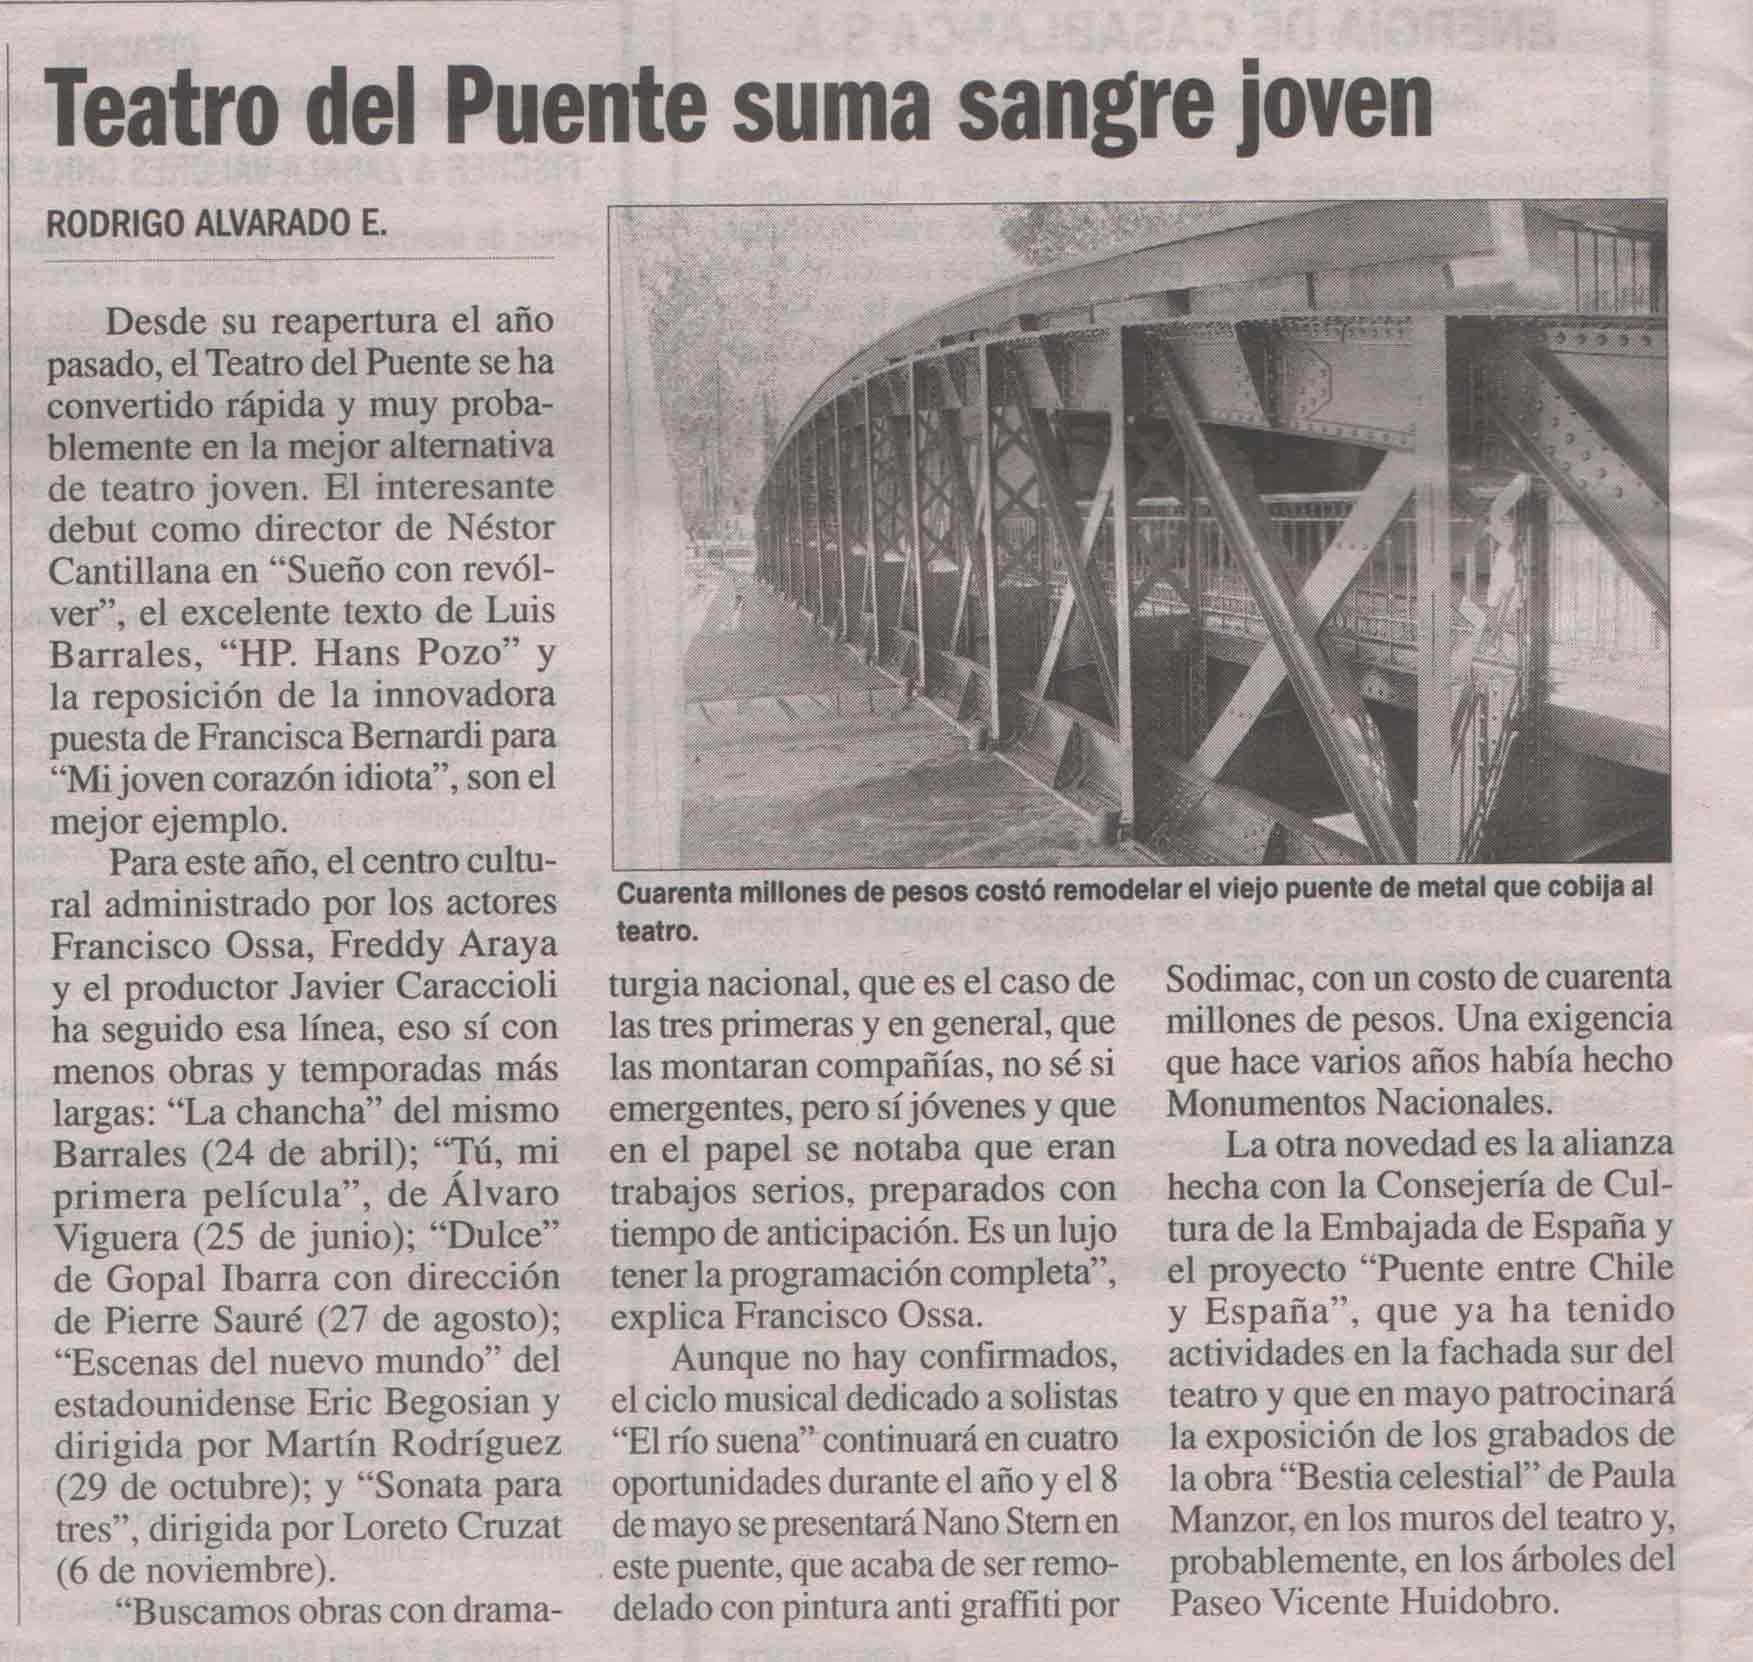 Teatro del Puente suma sangre joven - La Nación - viernes 18 abril, 2008